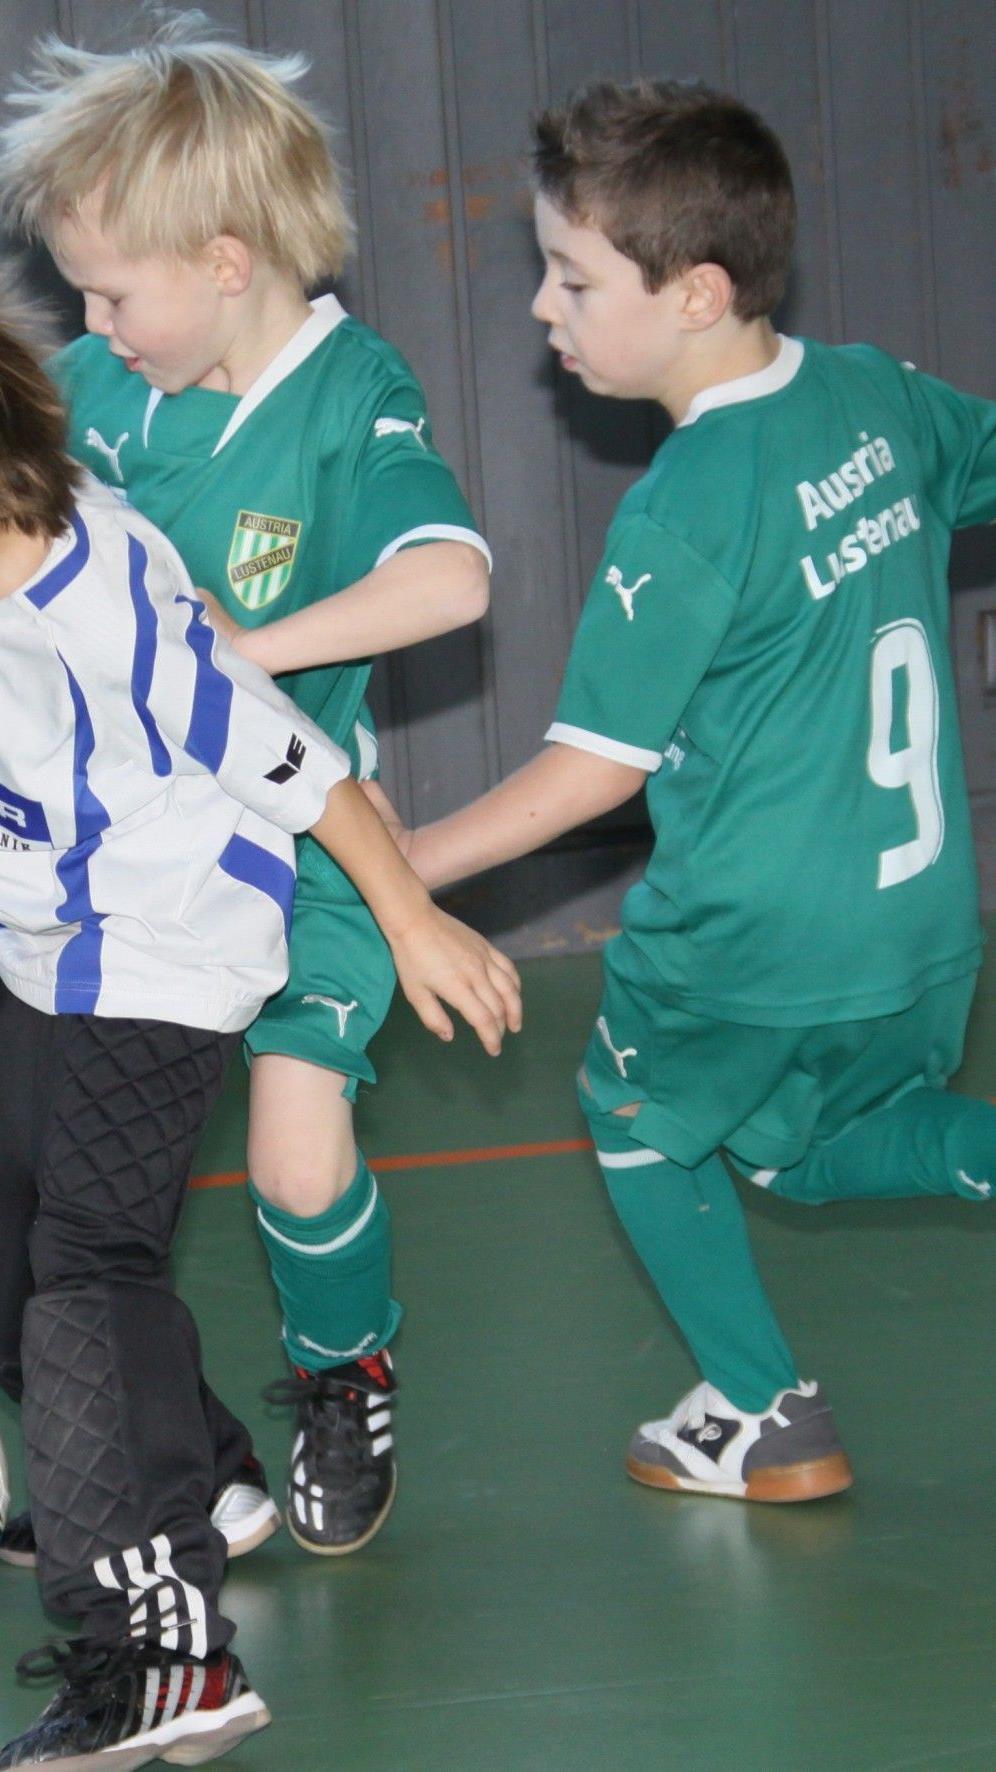 Die jüngsten Kicker (U-7) sind am Samstag ab 9 Uhr in der Herrenriedhalle im Einsatz.